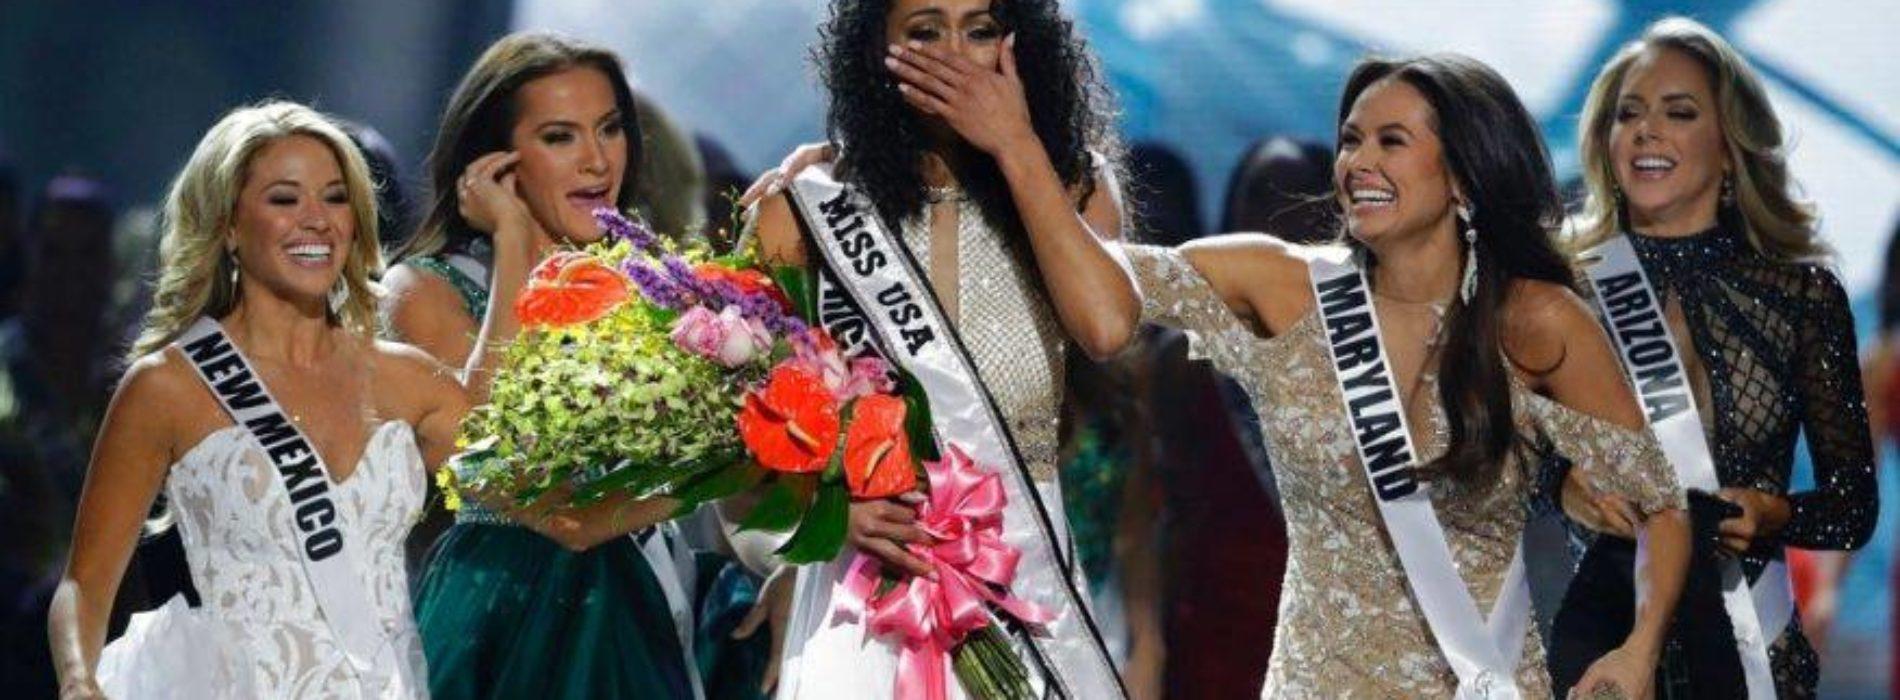 Miss Usa 2017: la più bella d'America è nata a Napoli